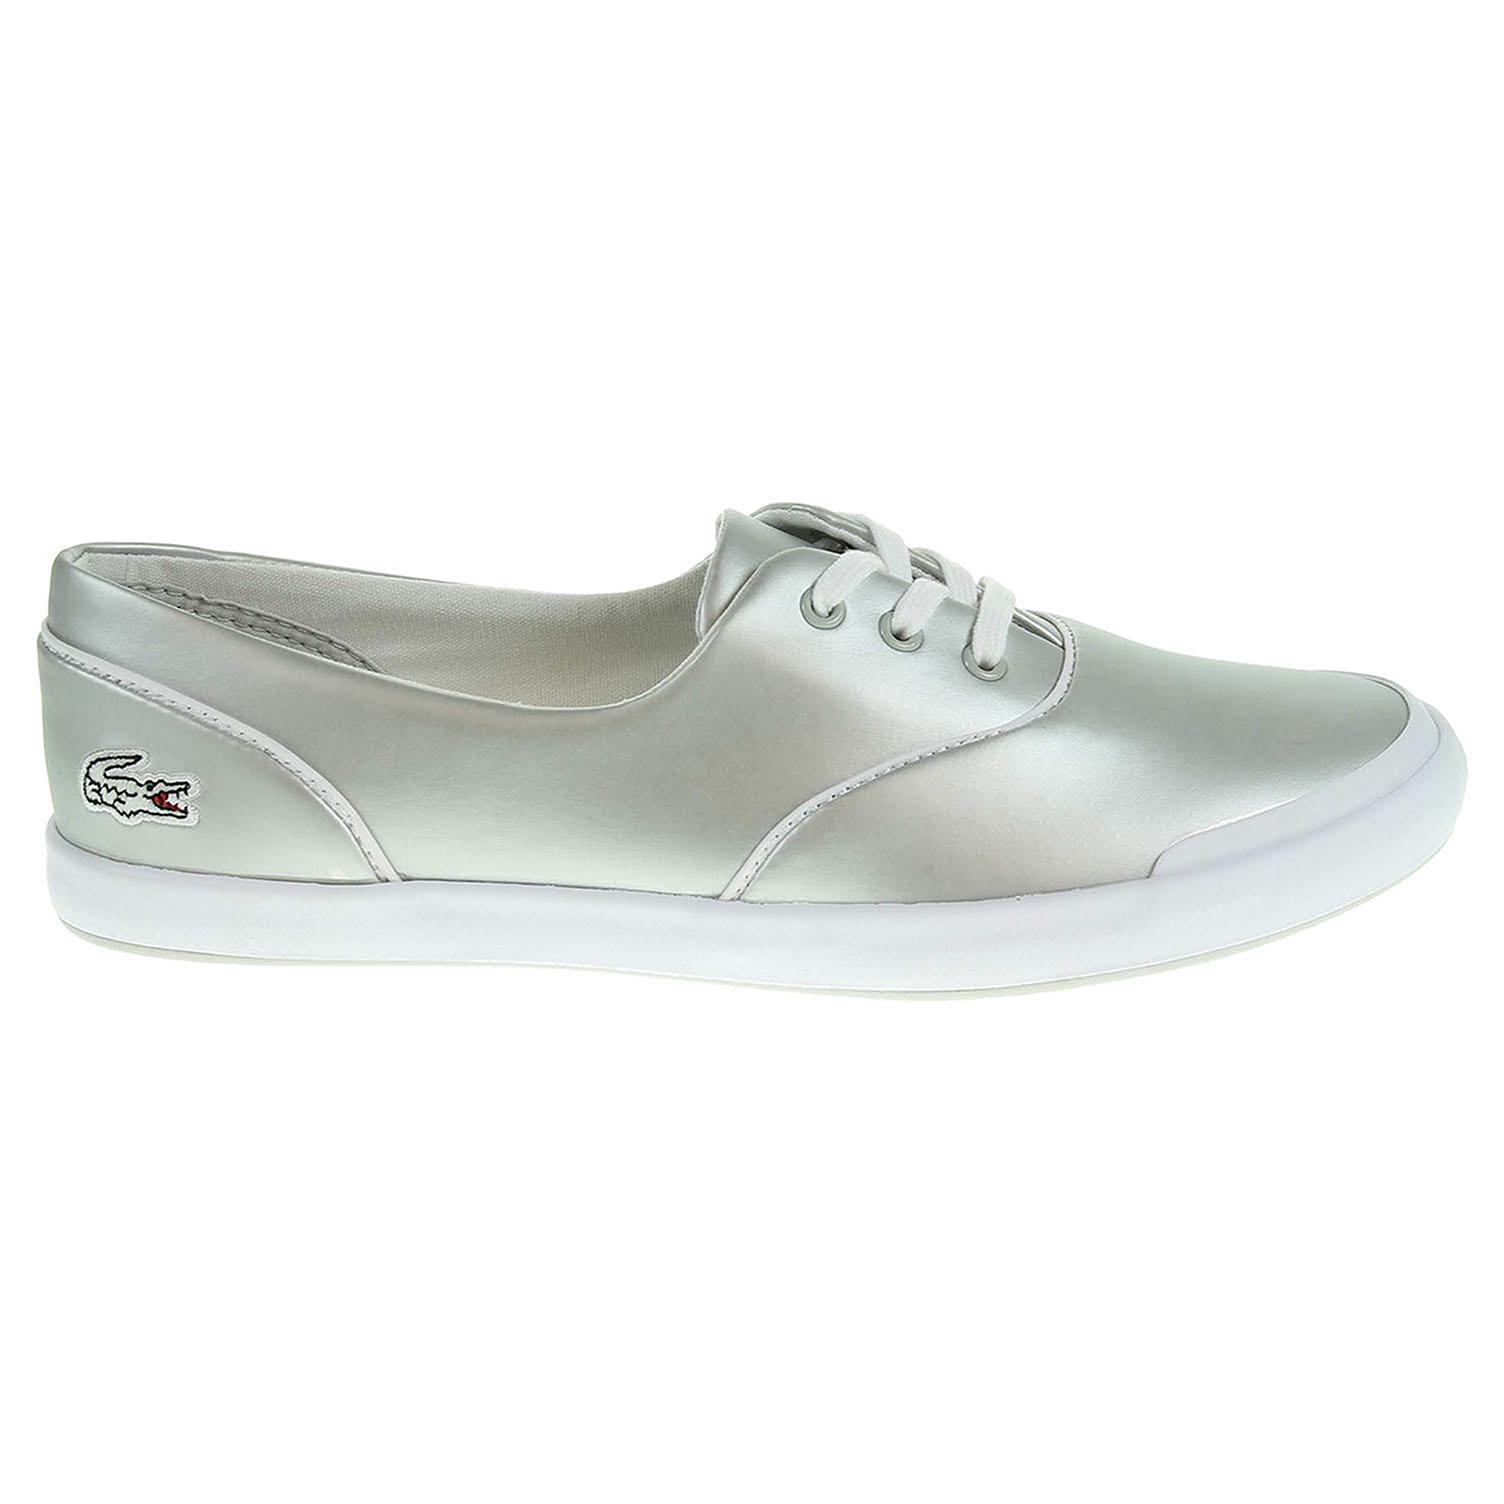 Lacoste Lancelle 3 Eye dámská obuv stříbrná 41